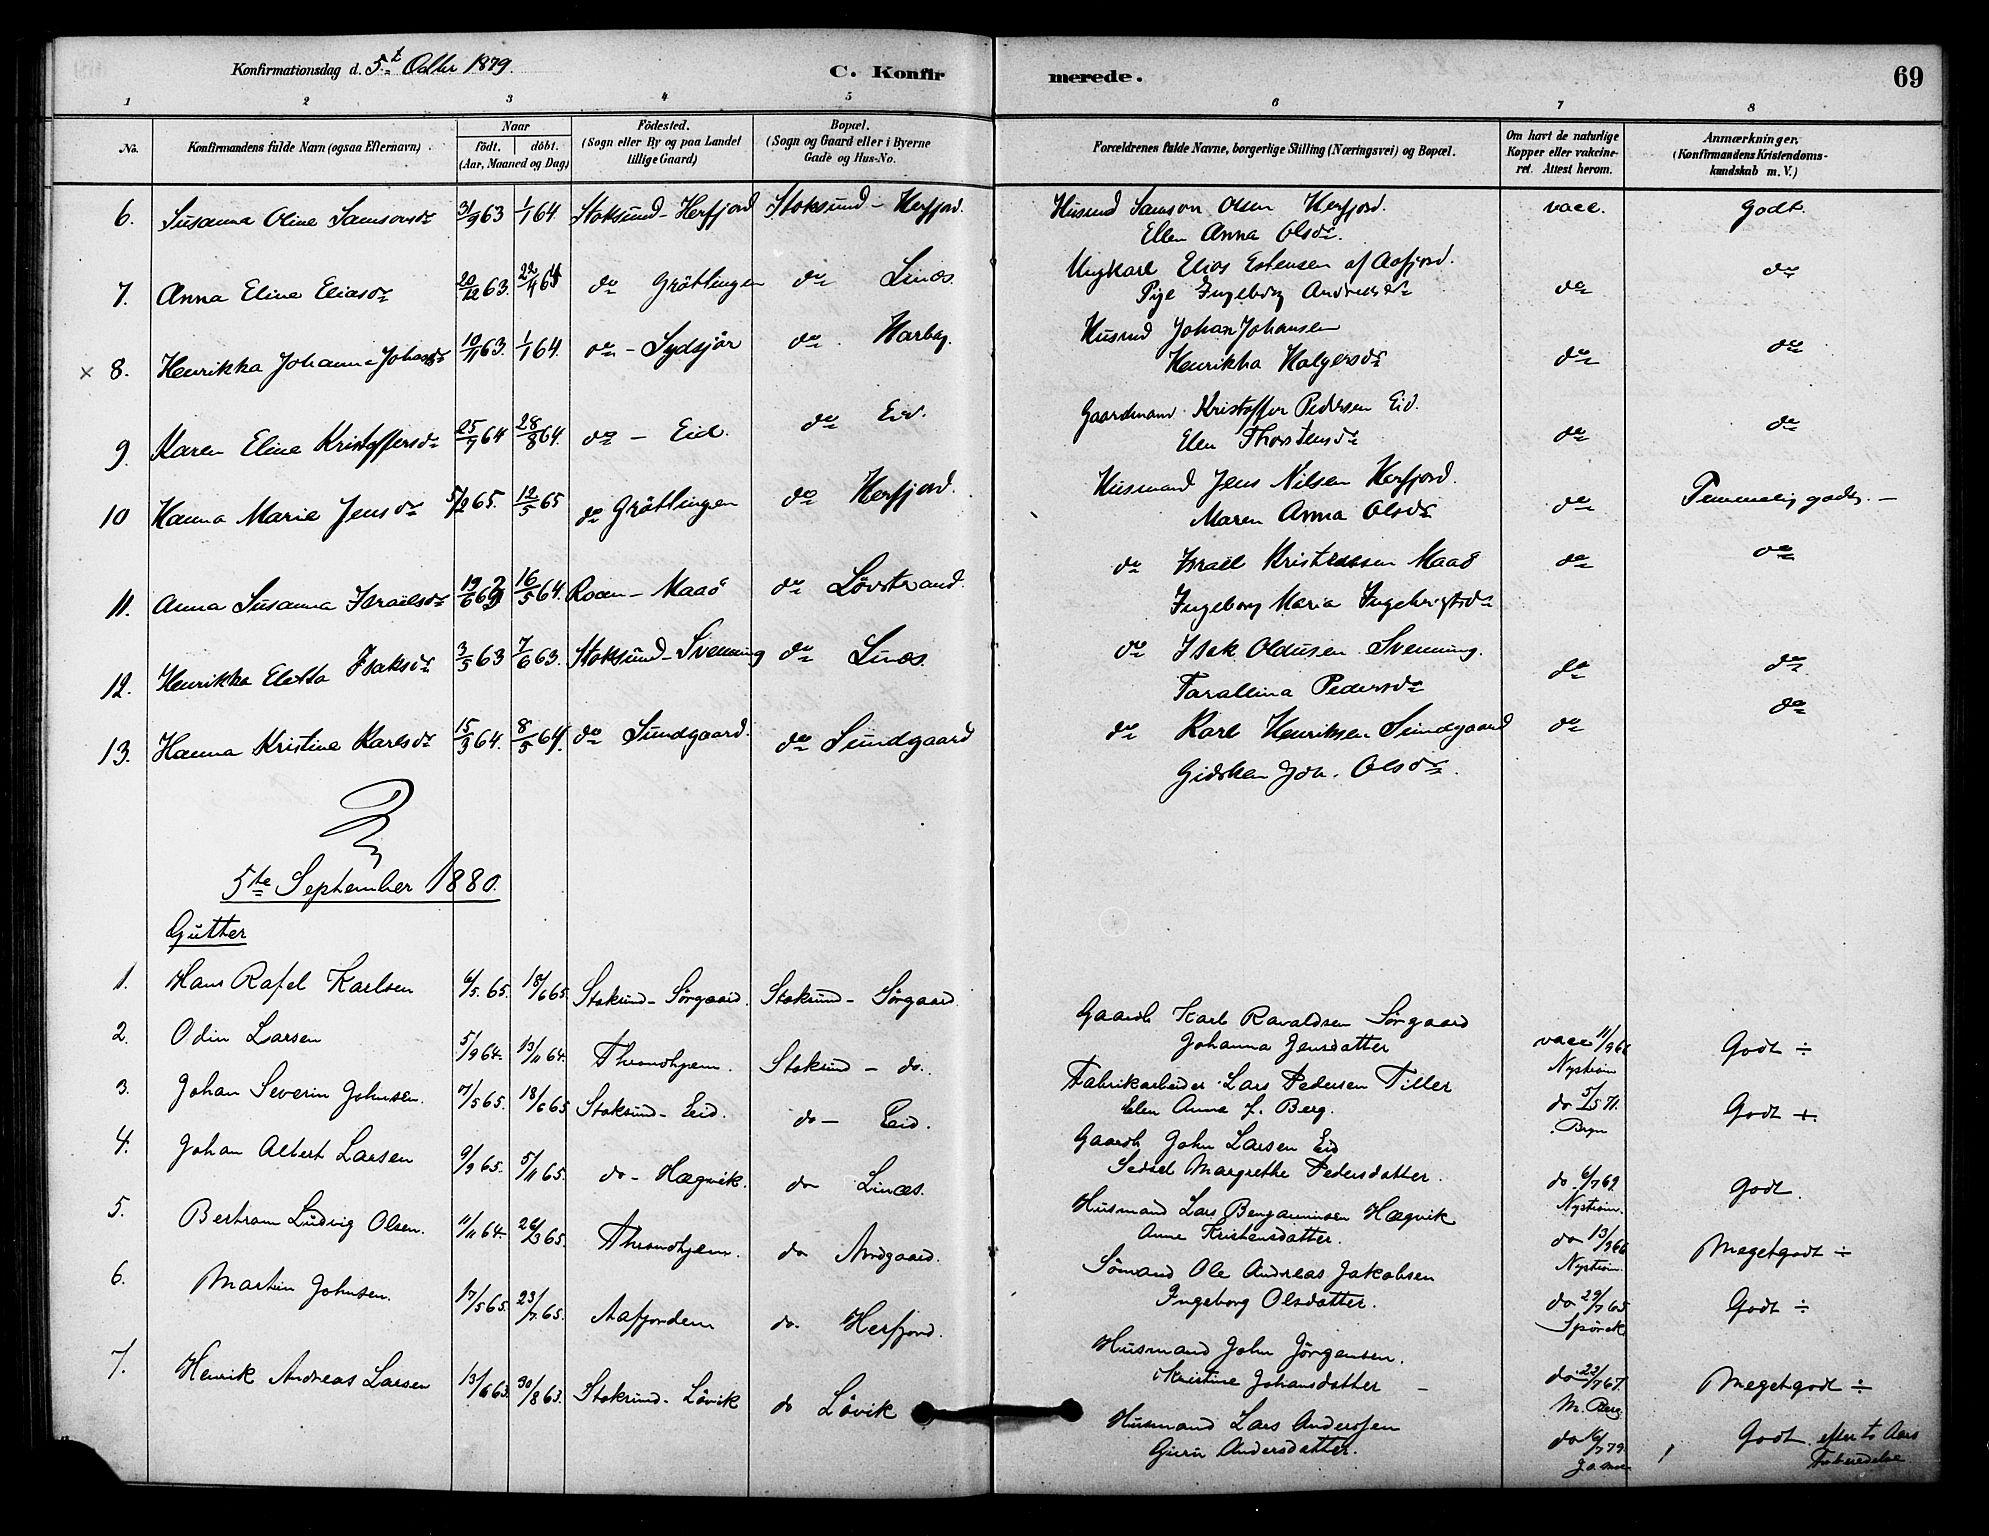 SAT, Ministerialprotokoller, klokkerbøker og fødselsregistre - Sør-Trøndelag, 656/L0692: Ministerialbok nr. 656A01, 1879-1893, s. 69